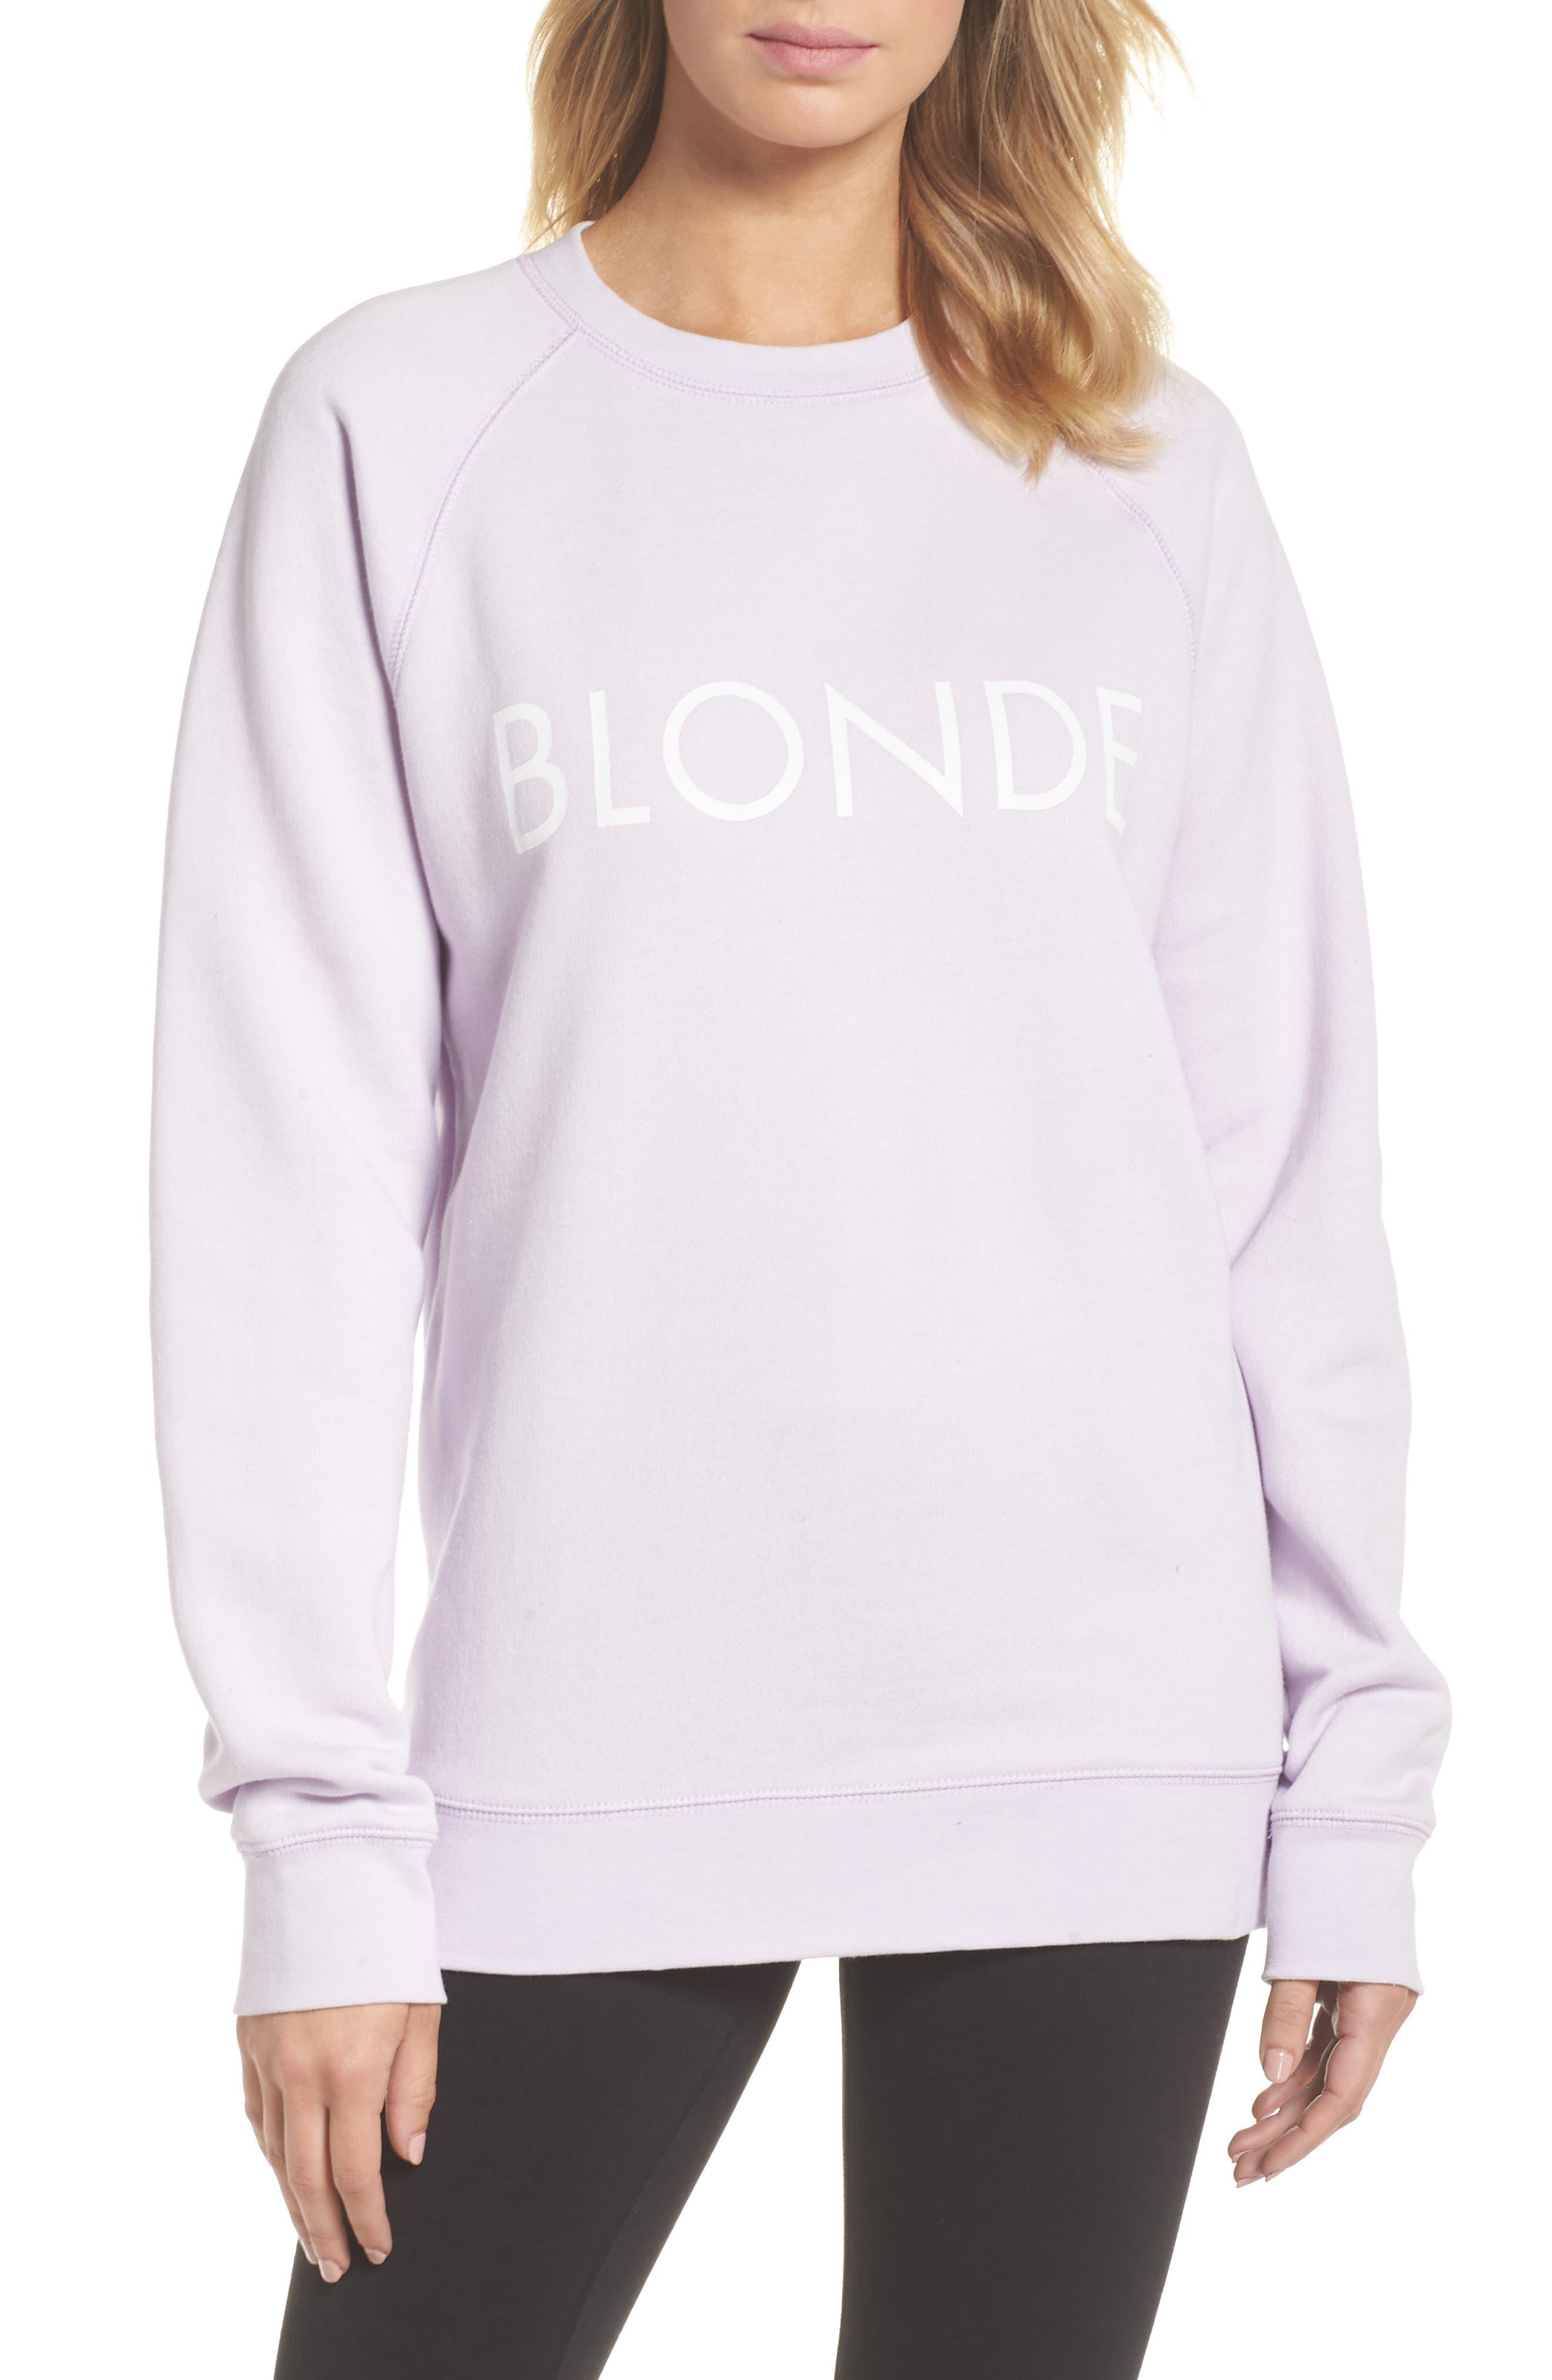 Blonde Sweatshirt,                             Main thumbnail 1, color,                             SOFT LAVENDER